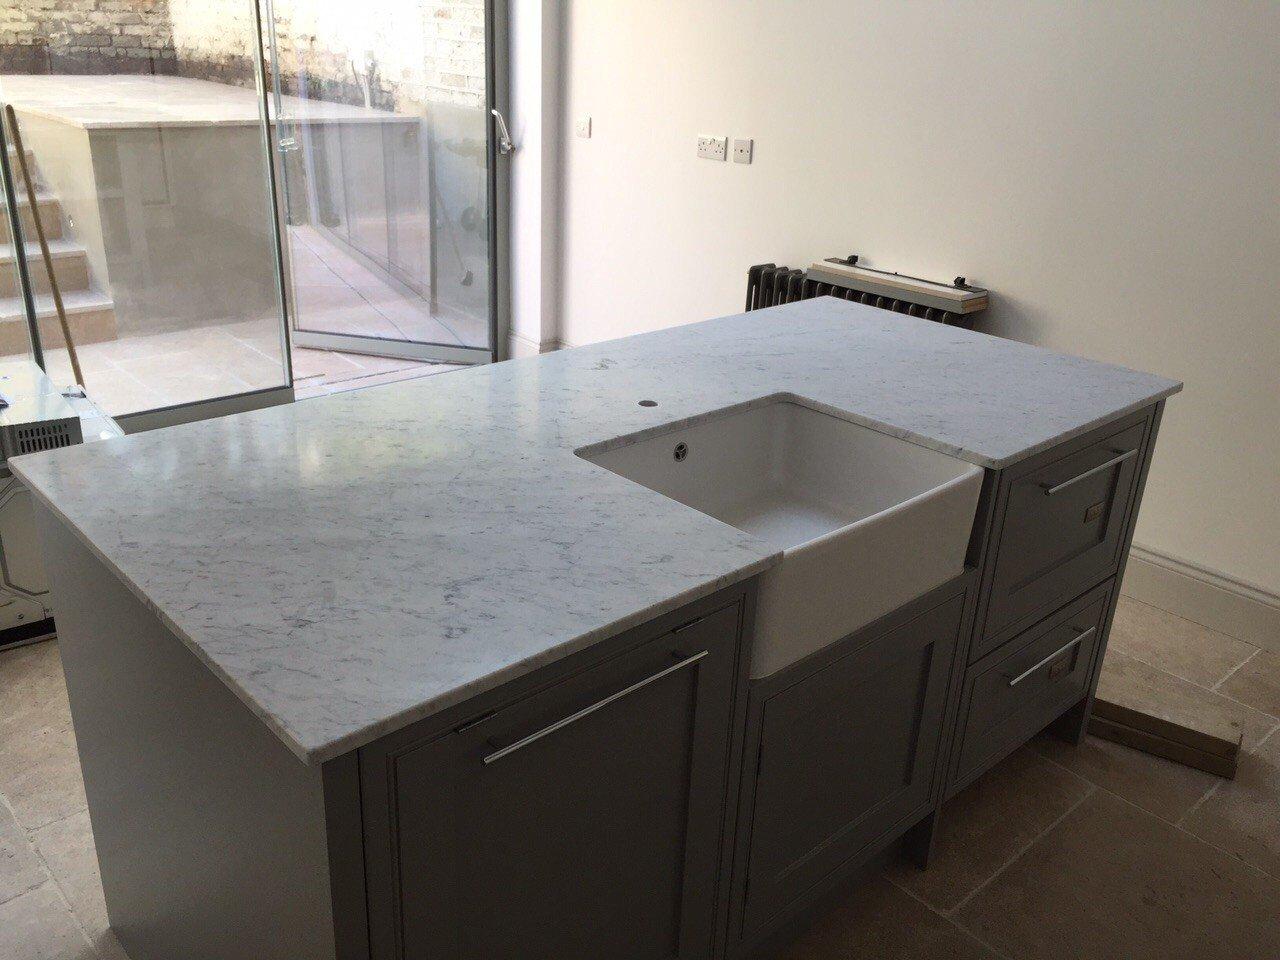 Limestone Kitchen Worktops : Types of worktop materials to enhance kitchen décor